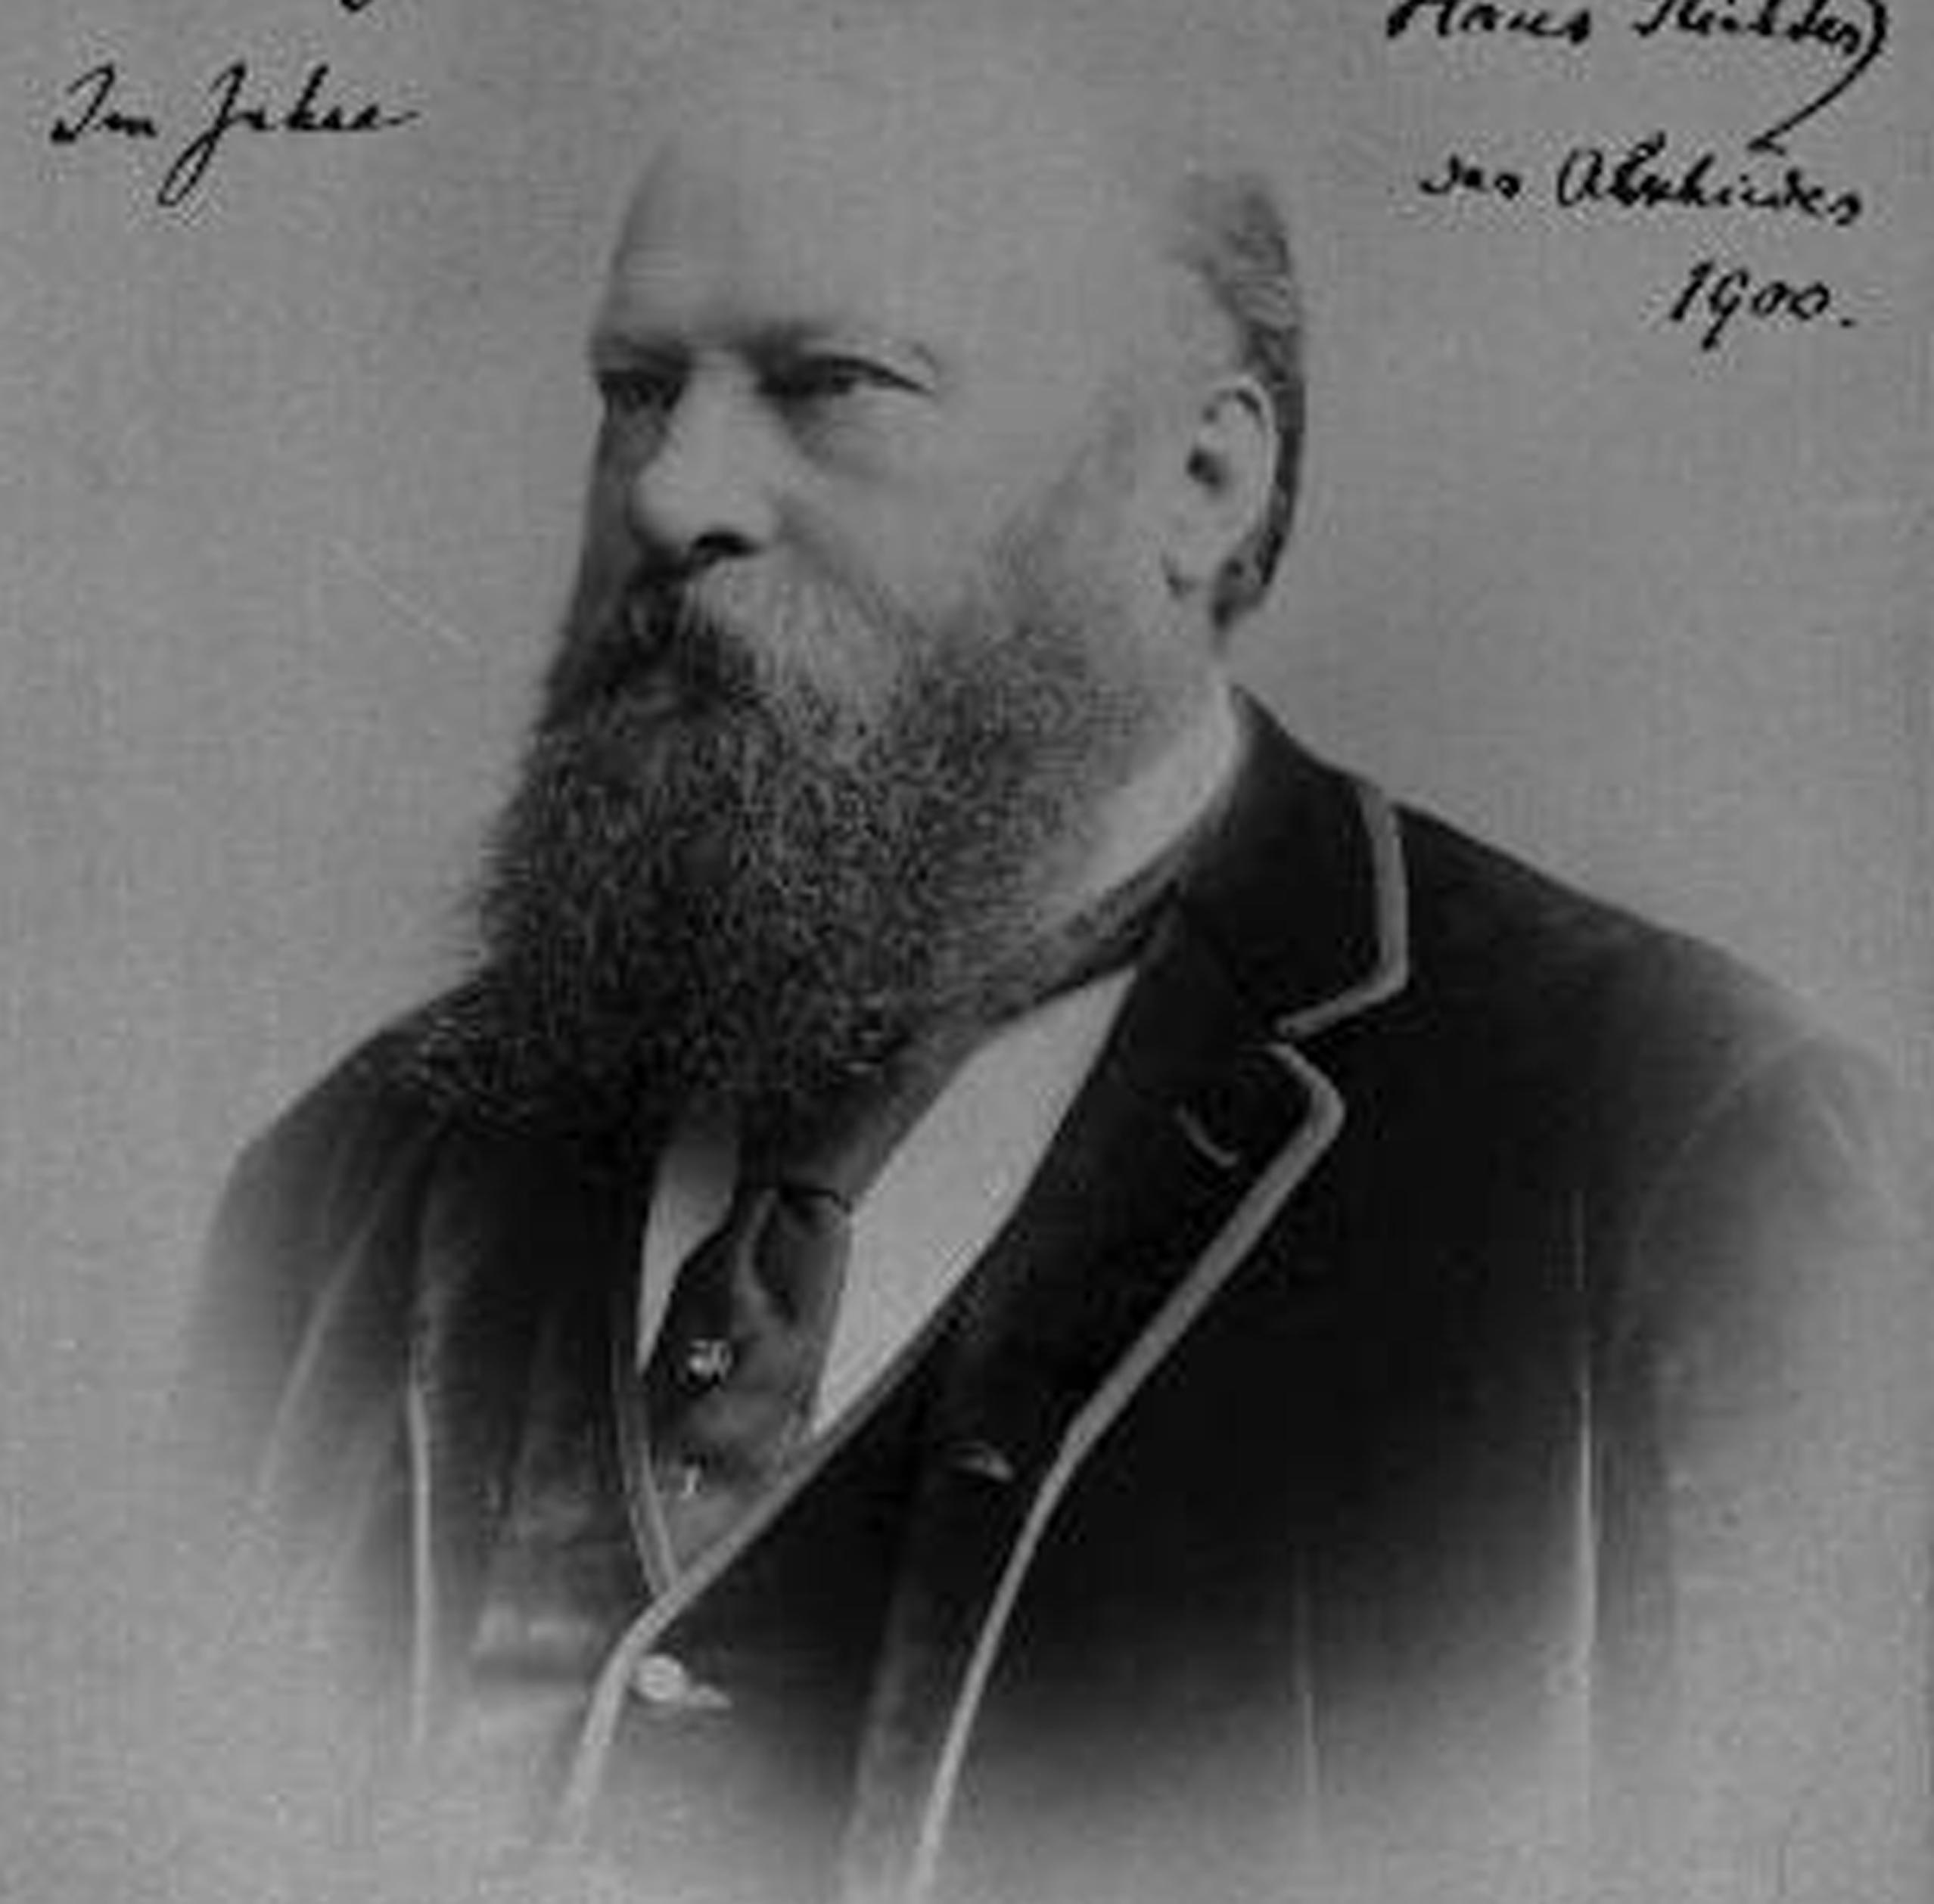 Der weltberühmte Orchesterleiter Hans Richter starb am 5. Dezember 1916 in Bayreuth und wurde dort in einem Ehrengrab beigesetzt.